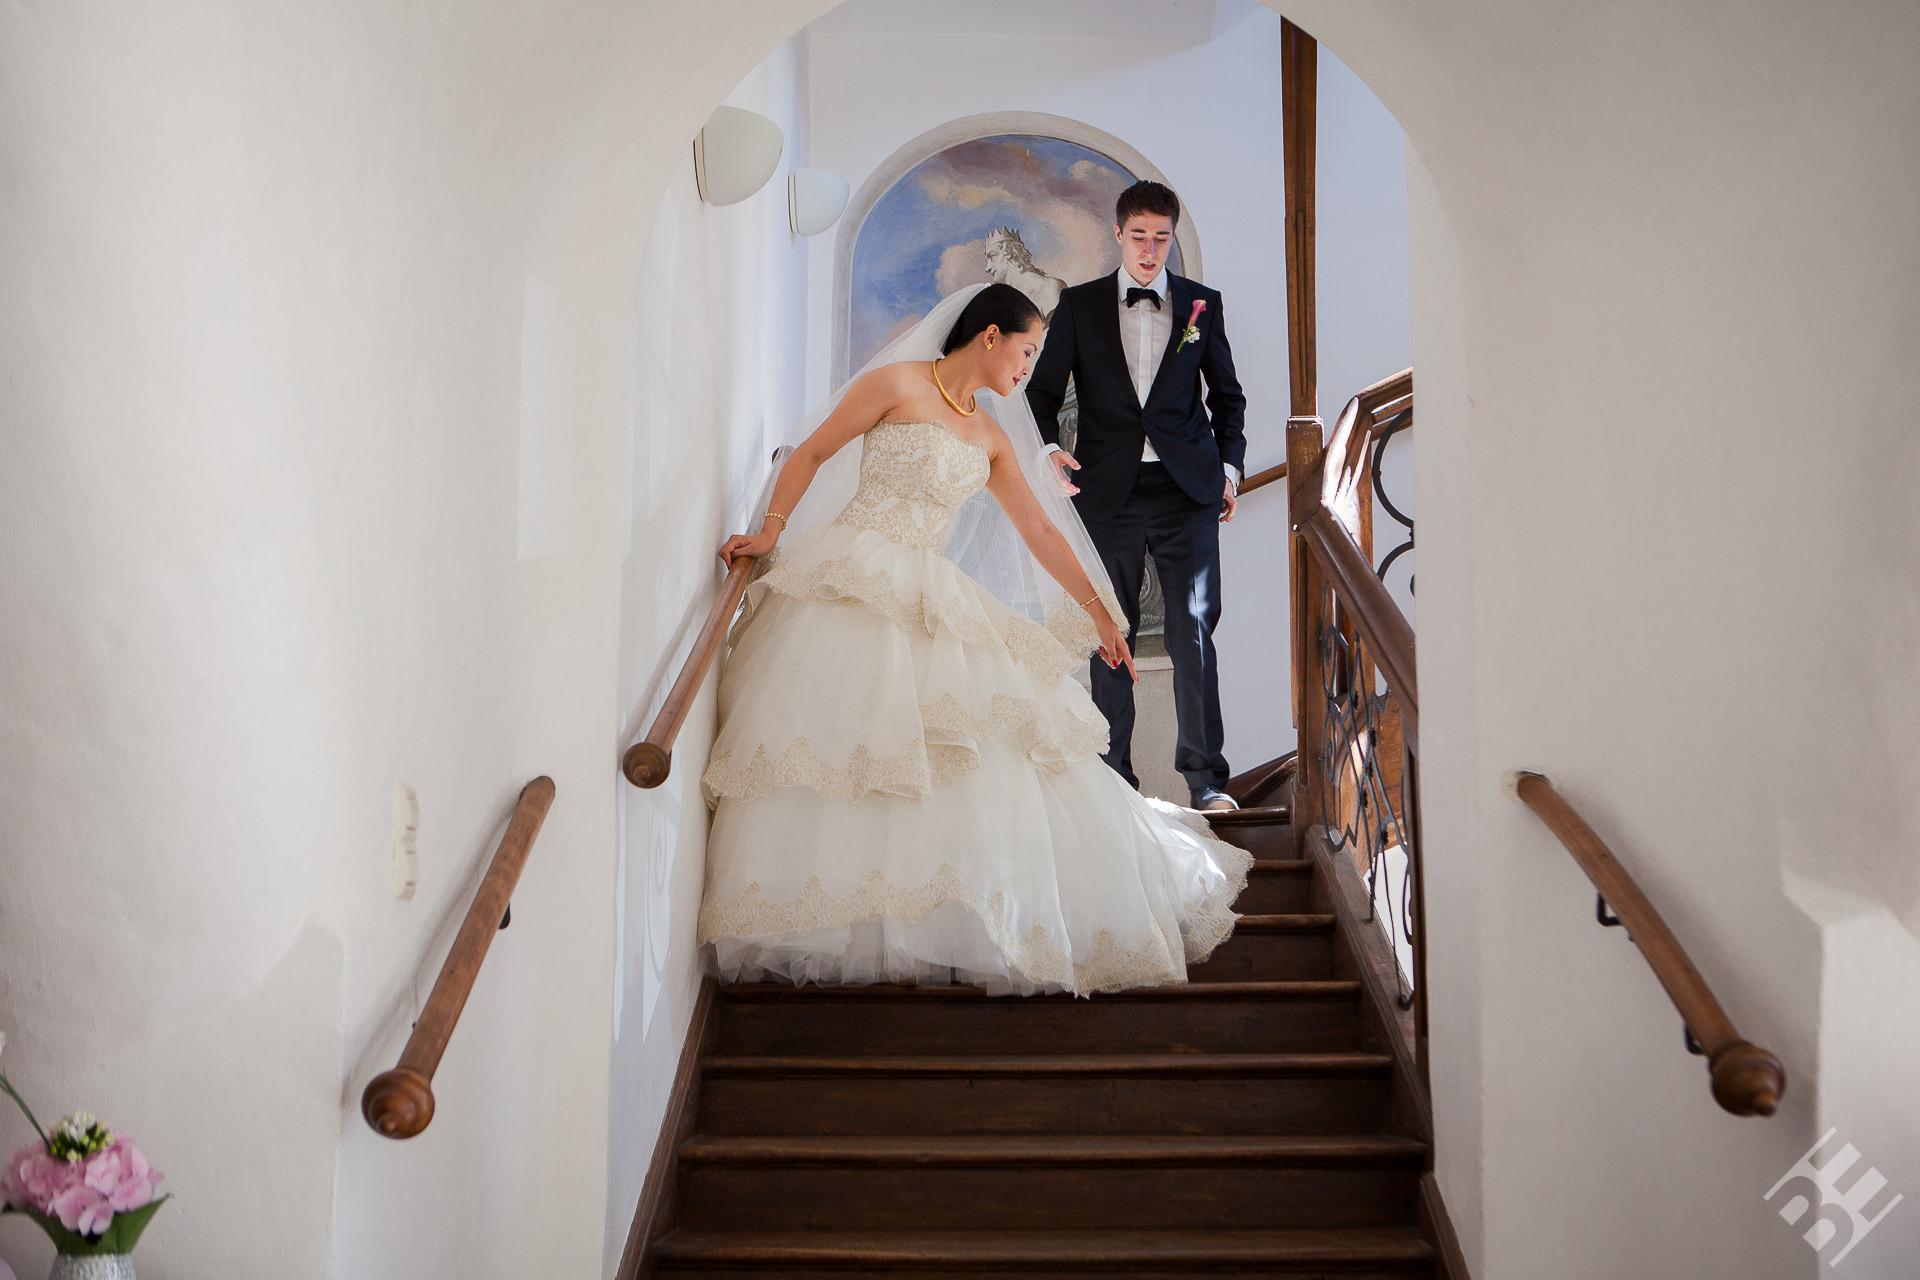 Hochzeit_51_IMG_0168_Volen_Evtimov